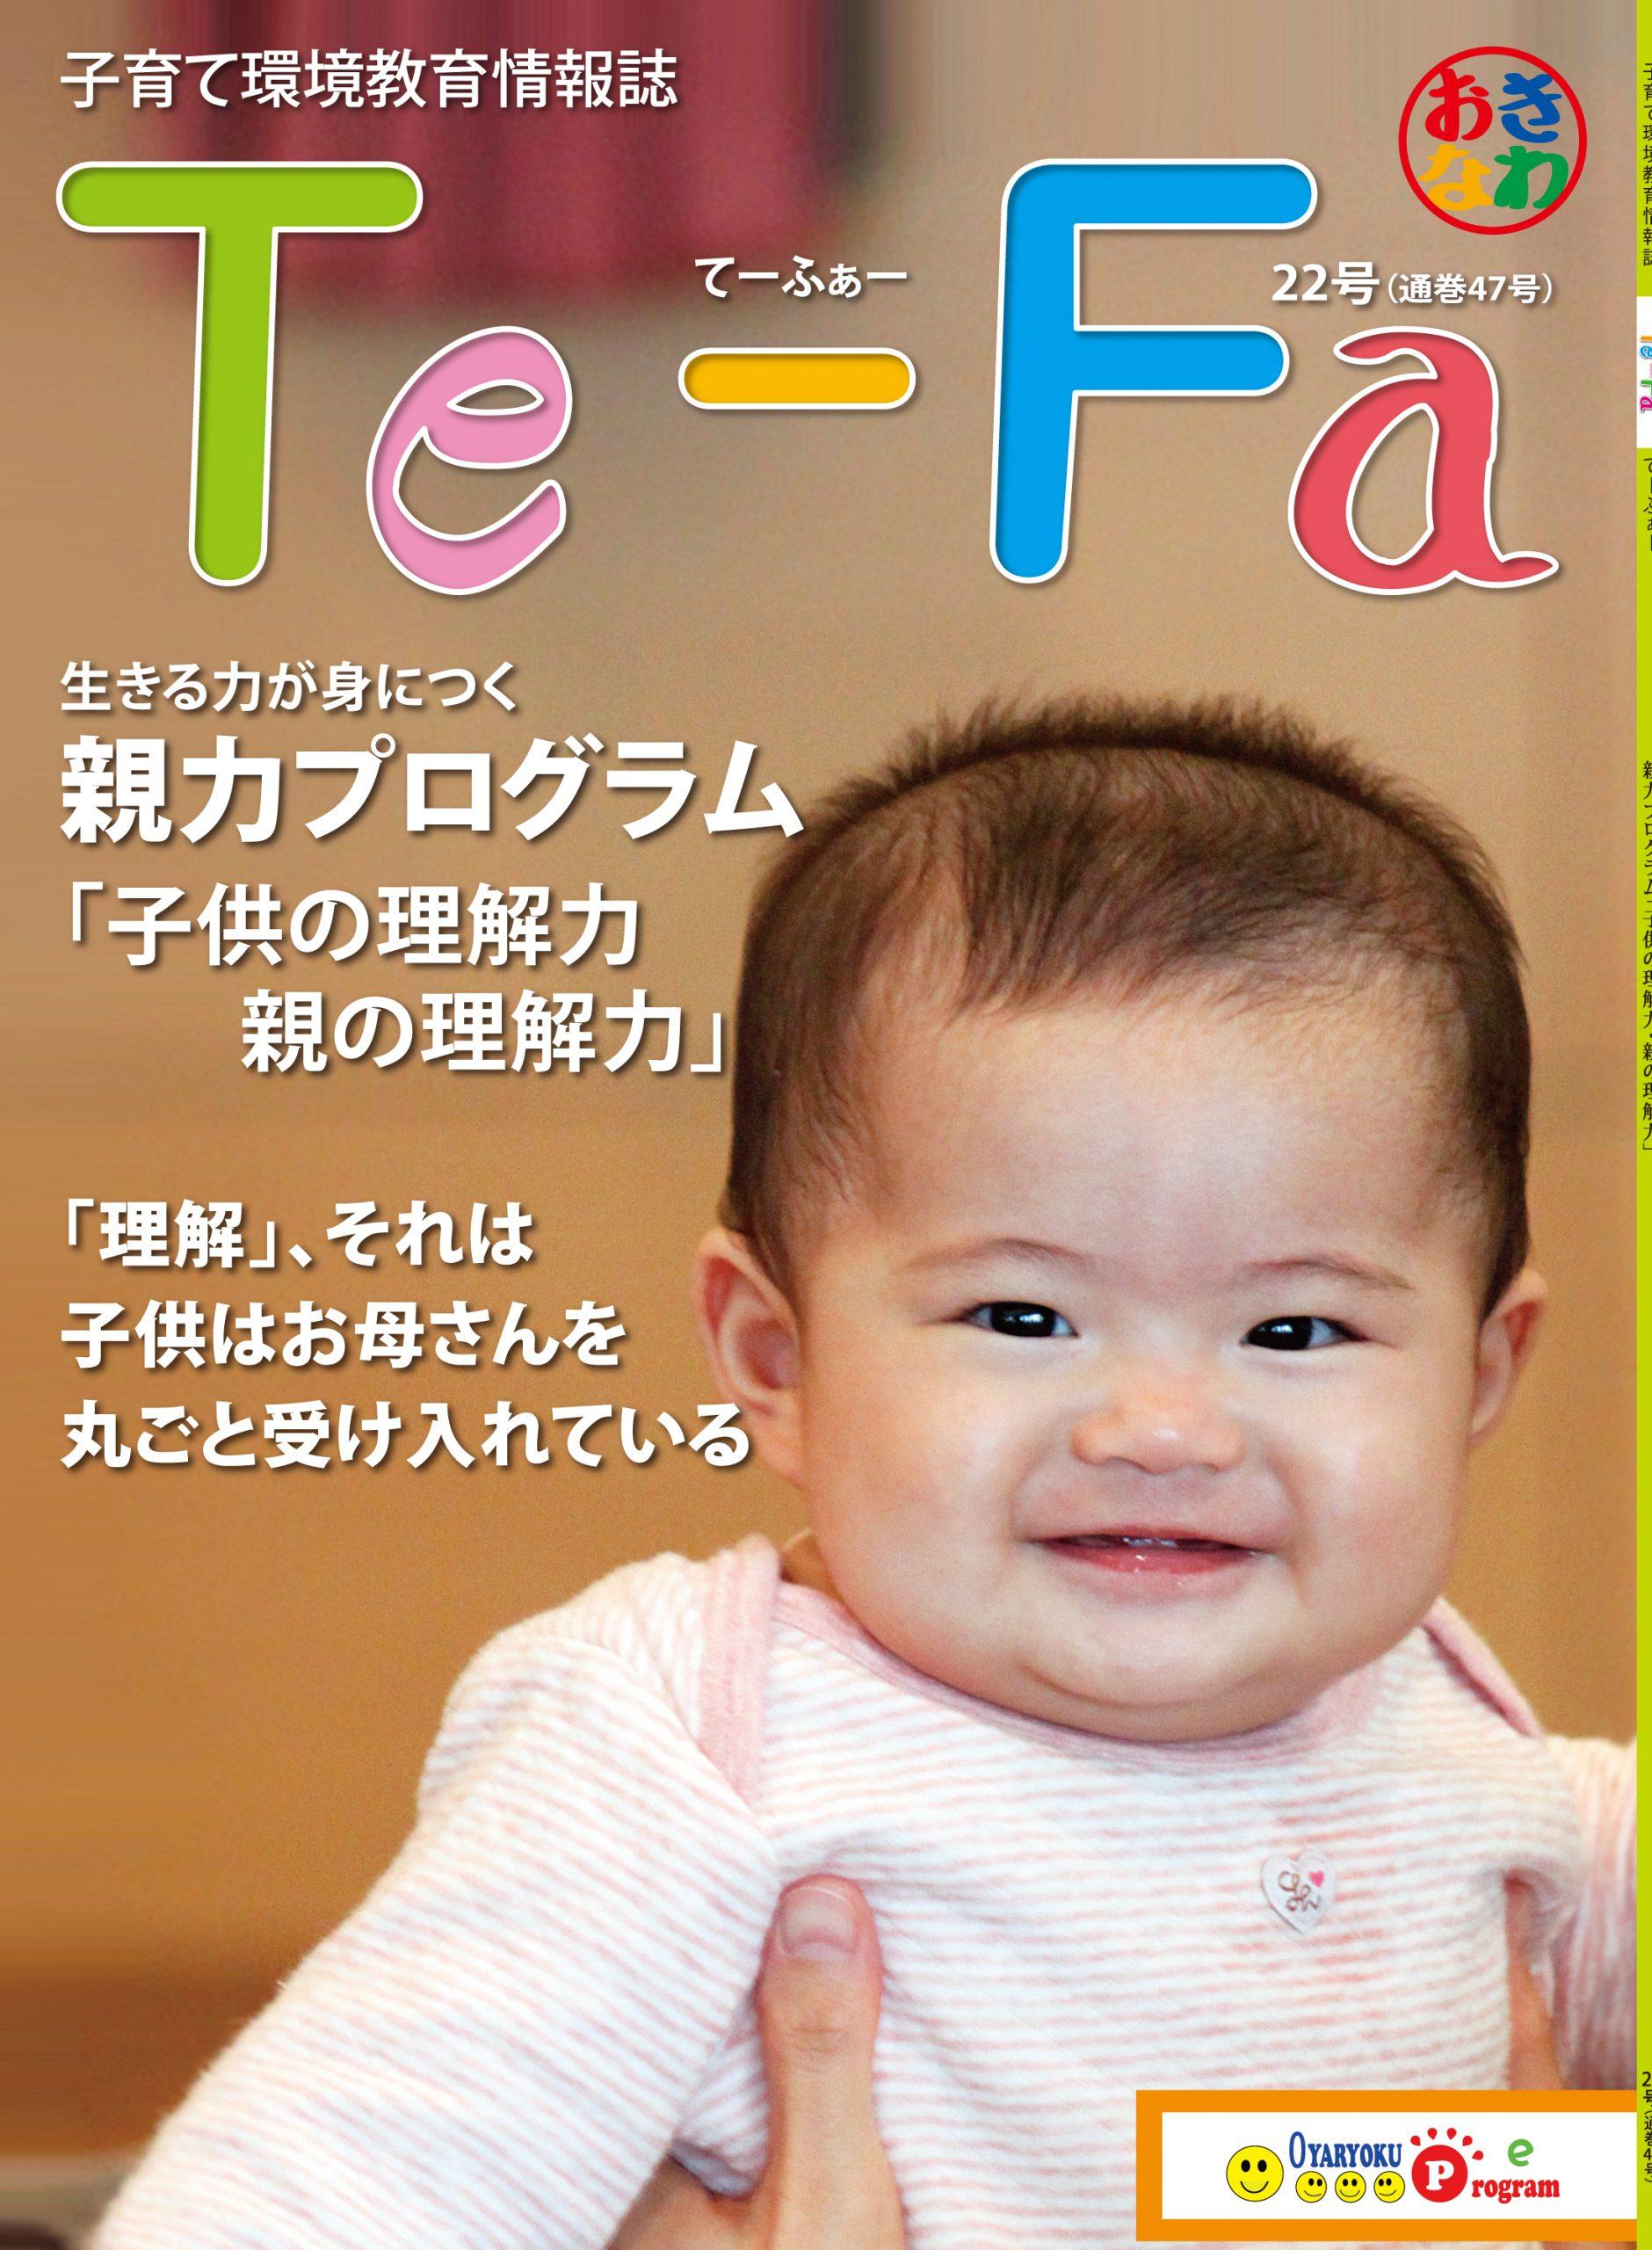 還元祭 その㊸ Te-Fa 22号 子供って理解力ある~~\(◎o◎)/!